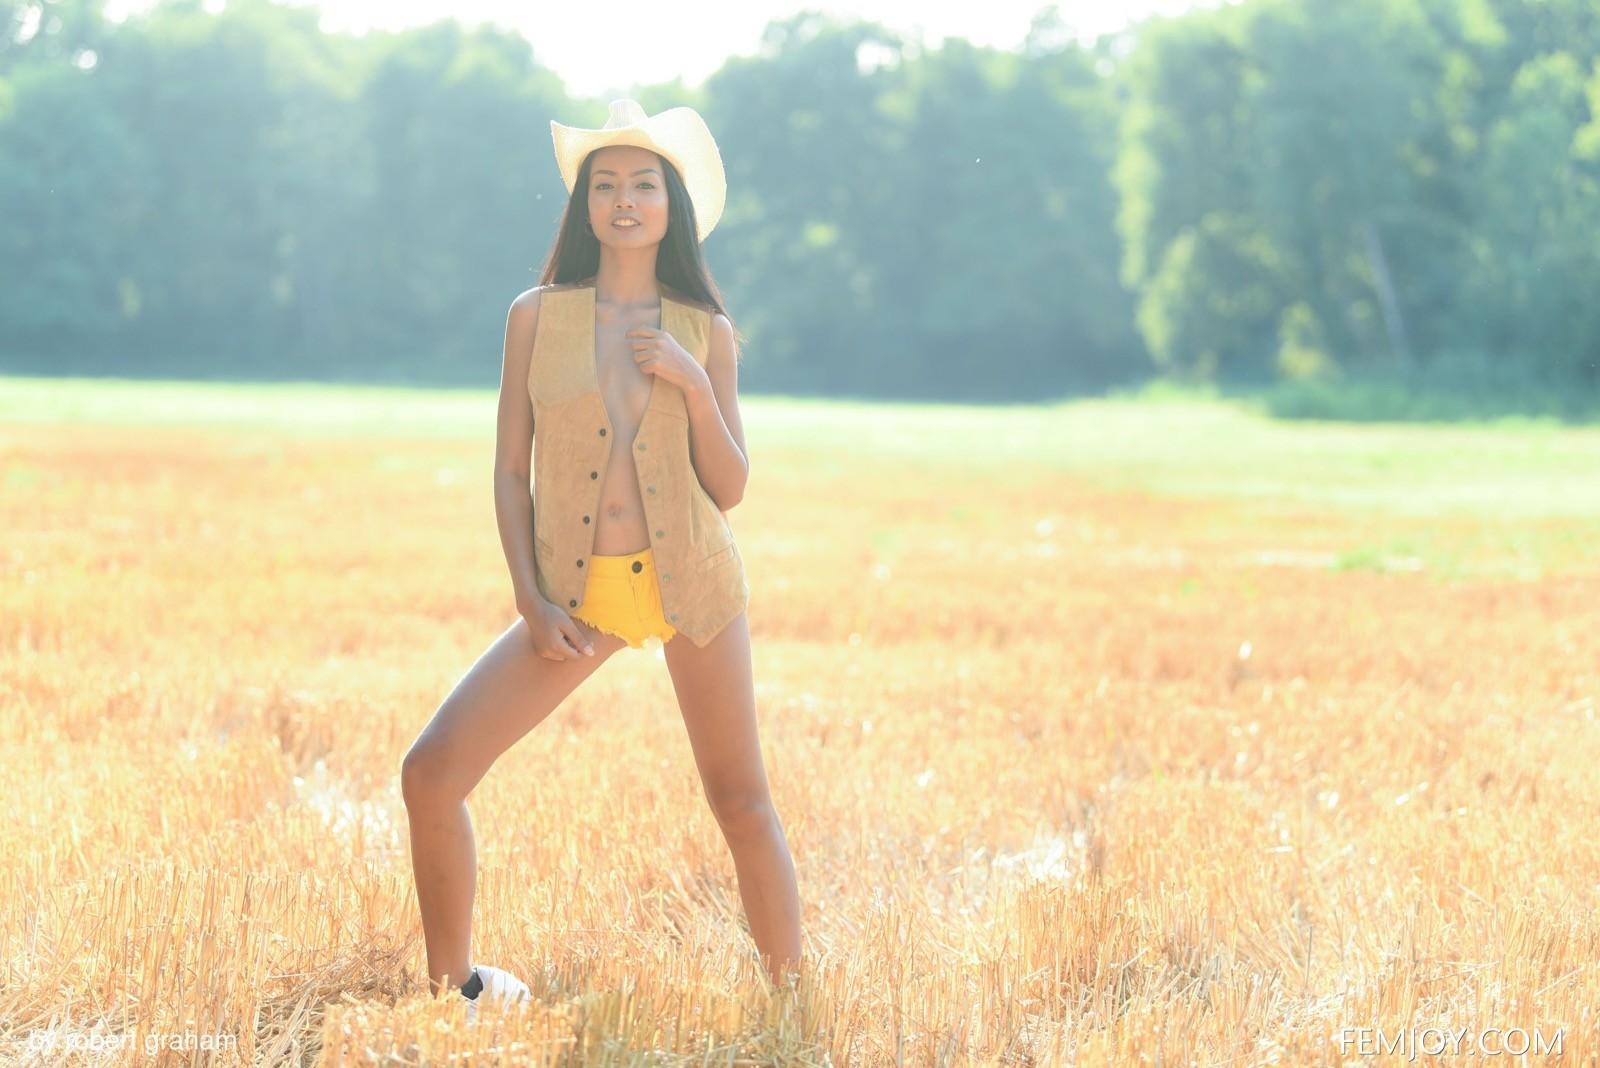 Тощая азиатка с маленькой грудью на природе - фото